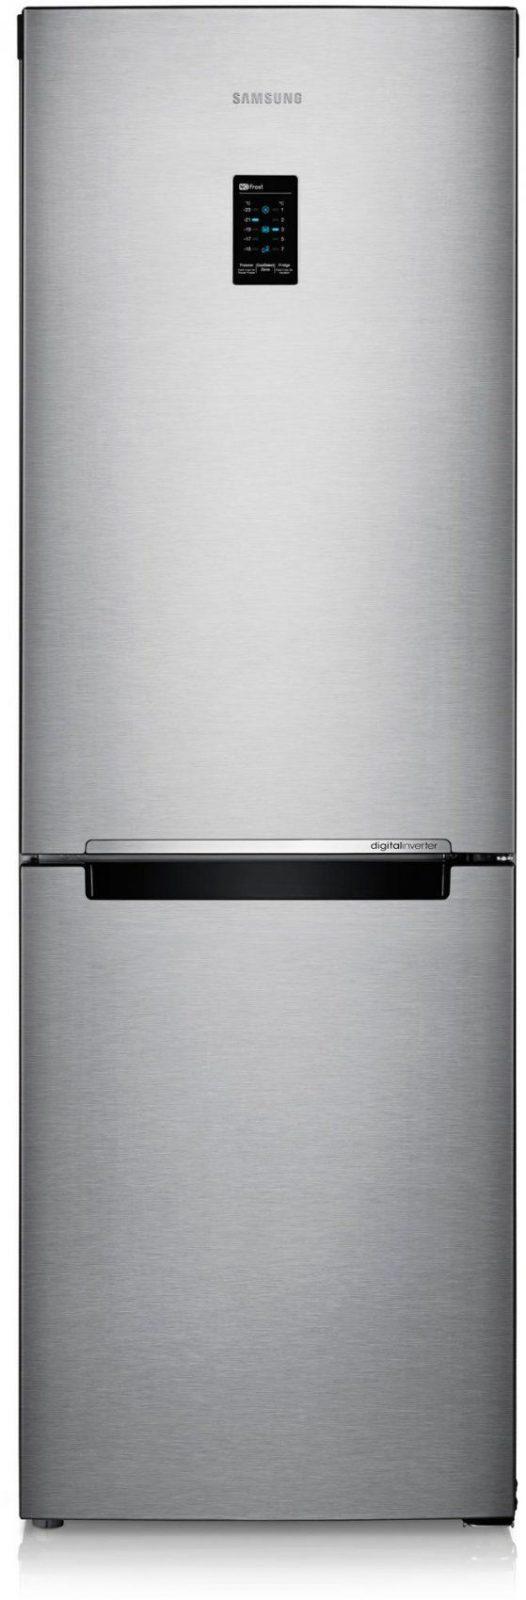 Samsung Rb29Ferncsa A++ Kühlgefrierkombination Edelstahllook 59 von Gefrierkombination 50 Cm Breit Photo